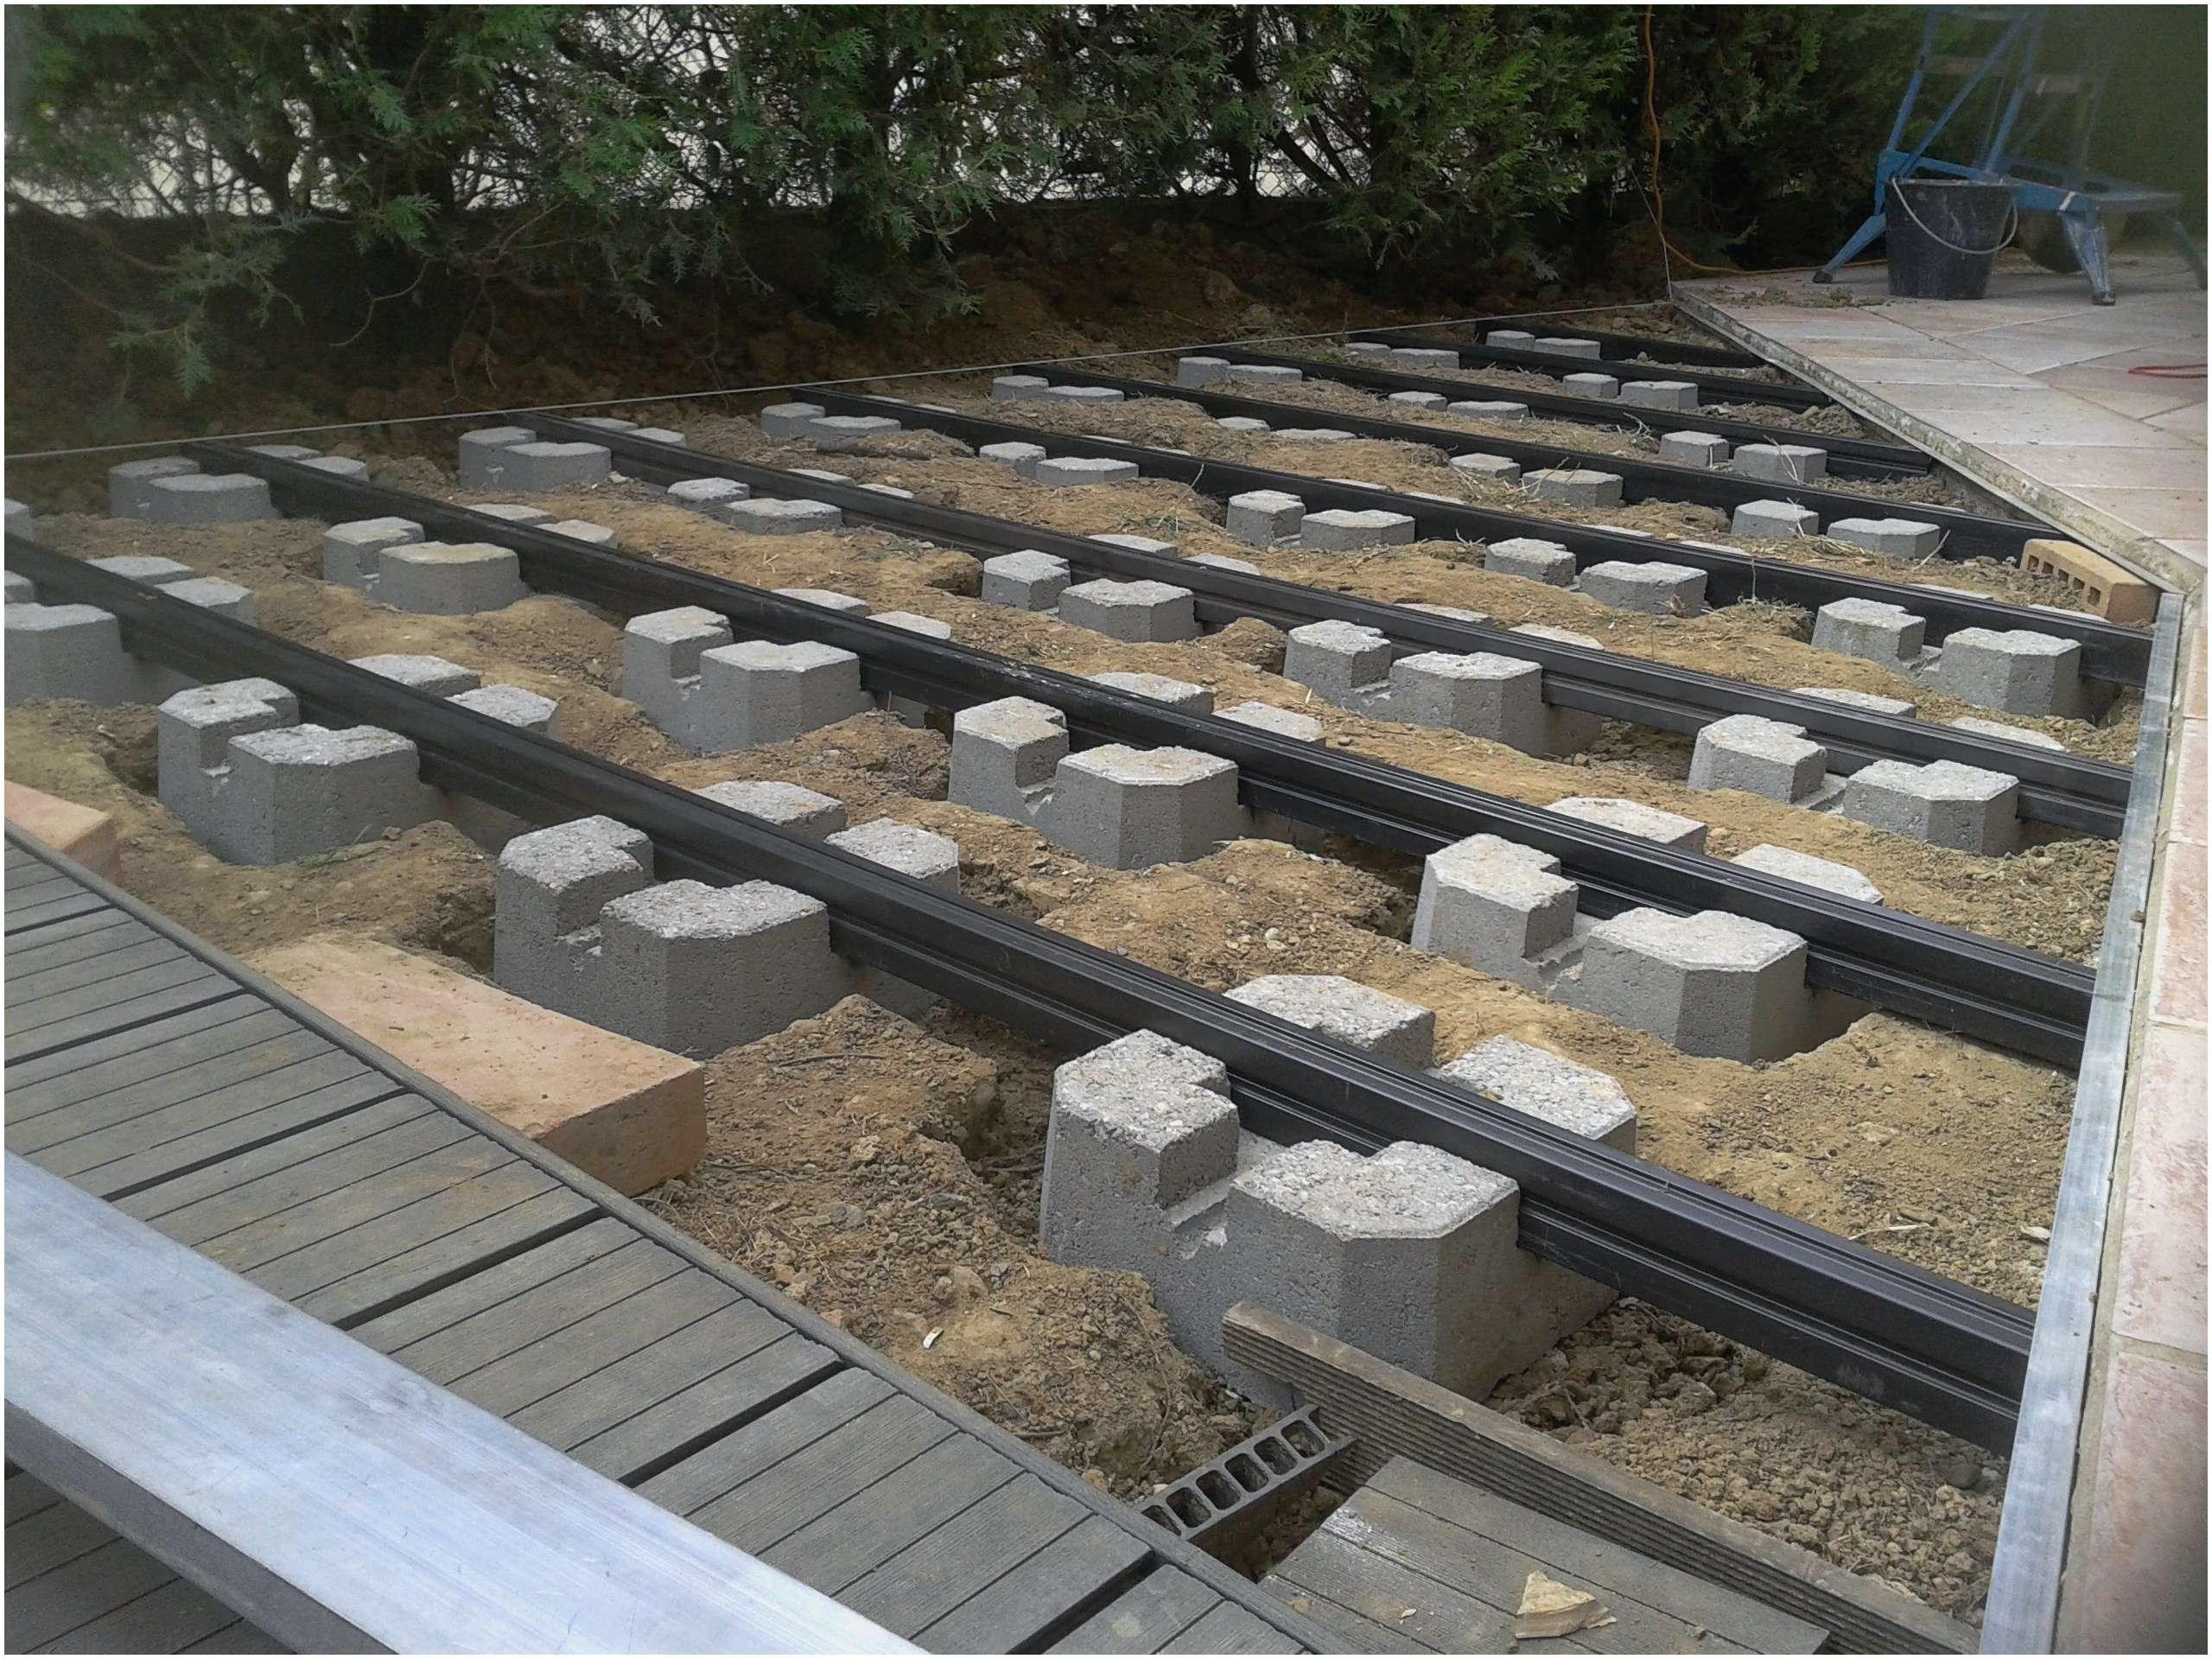 Lambourde Bois Brico Depot – Gamboahinestrosa dedans Plot Plastique Terrasse Castorama